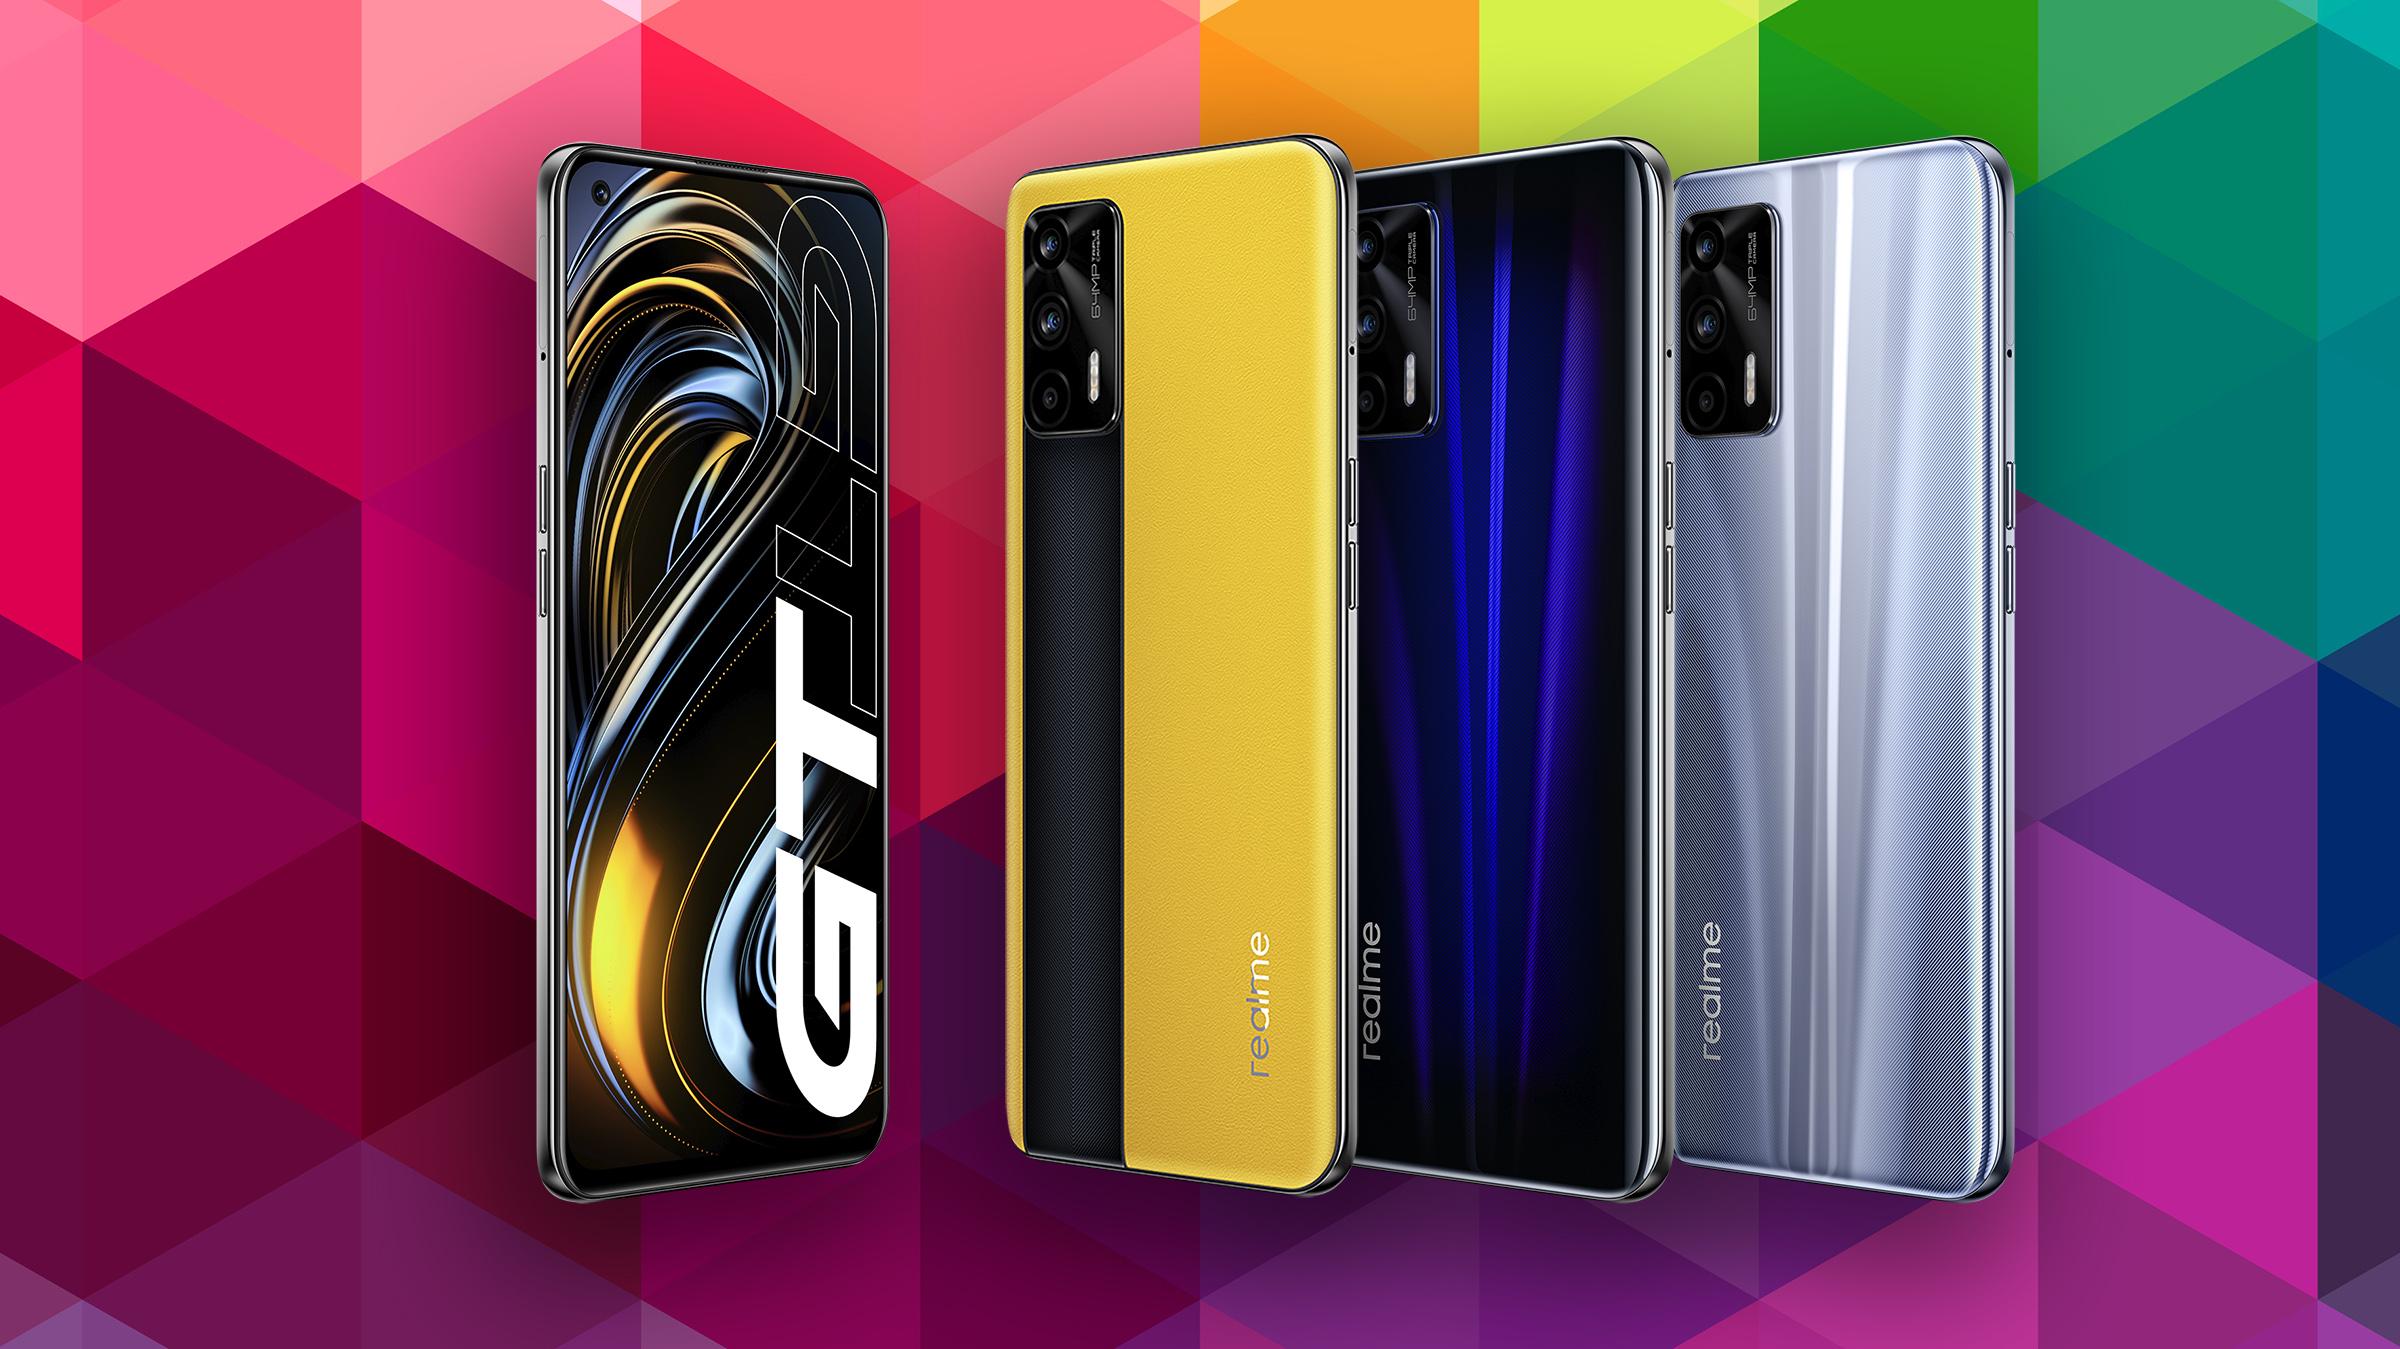 El realme GT es el matagigantes de 2021 con su Snapdragon 888 y el panel SuperAMOLED a 120 Hz